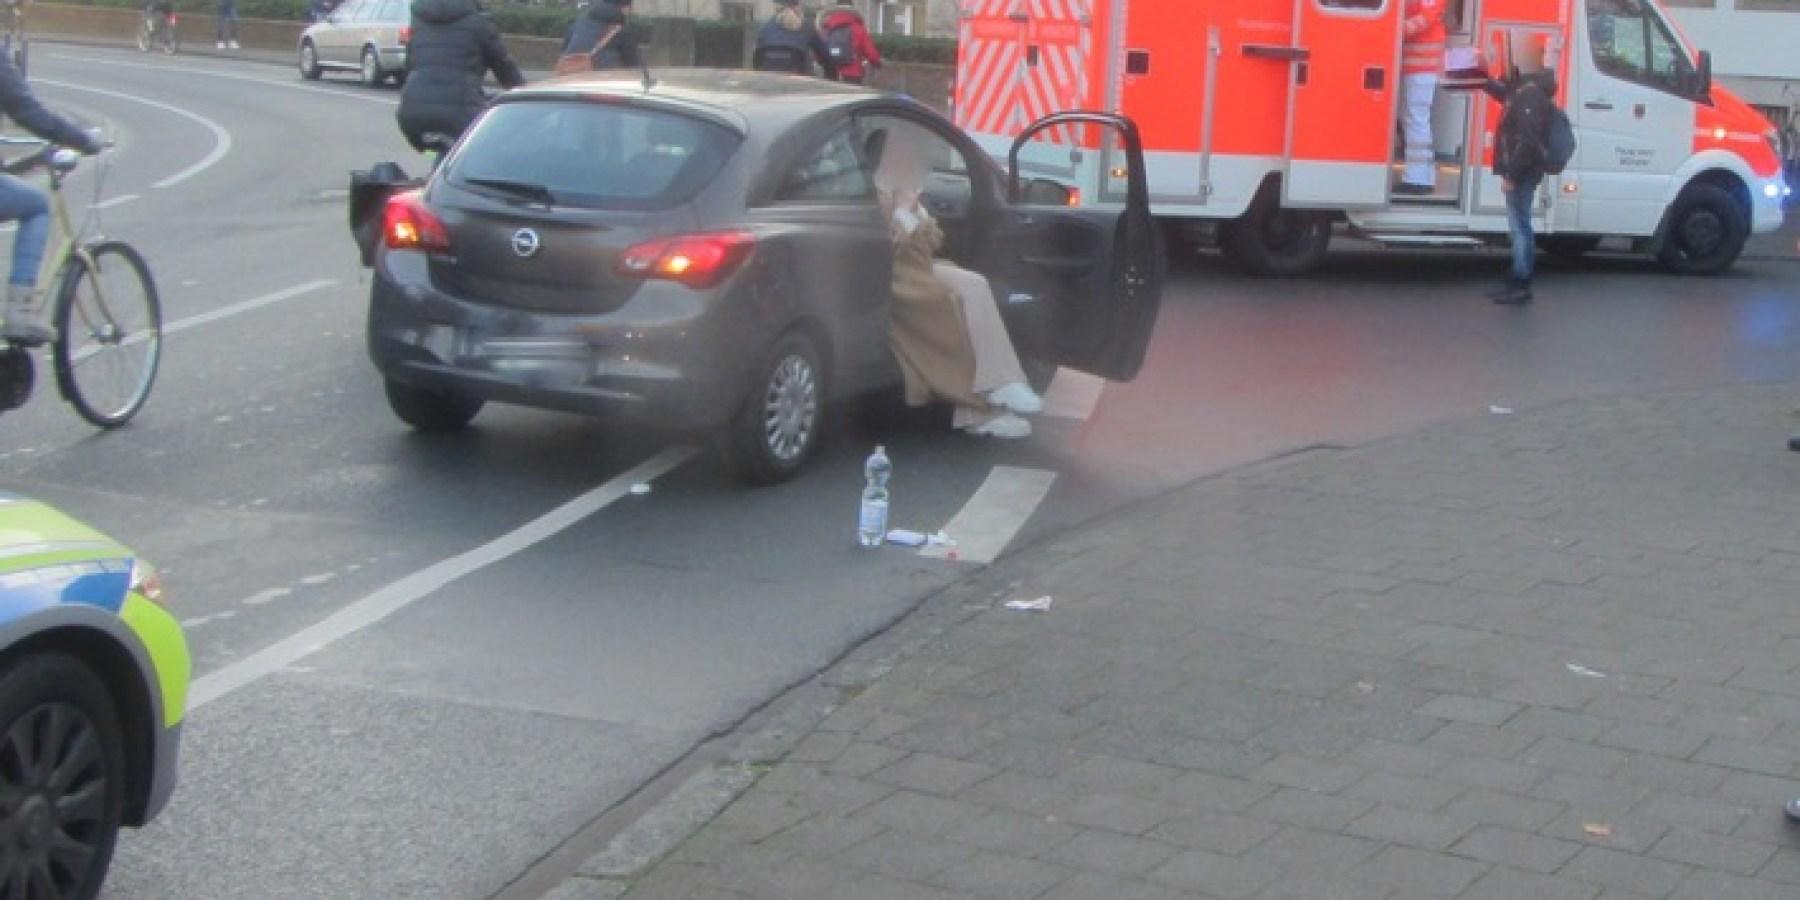 Erneuter Abbiegeunfall – Autofahrer nimmt Radfahrer die Vorfahrt